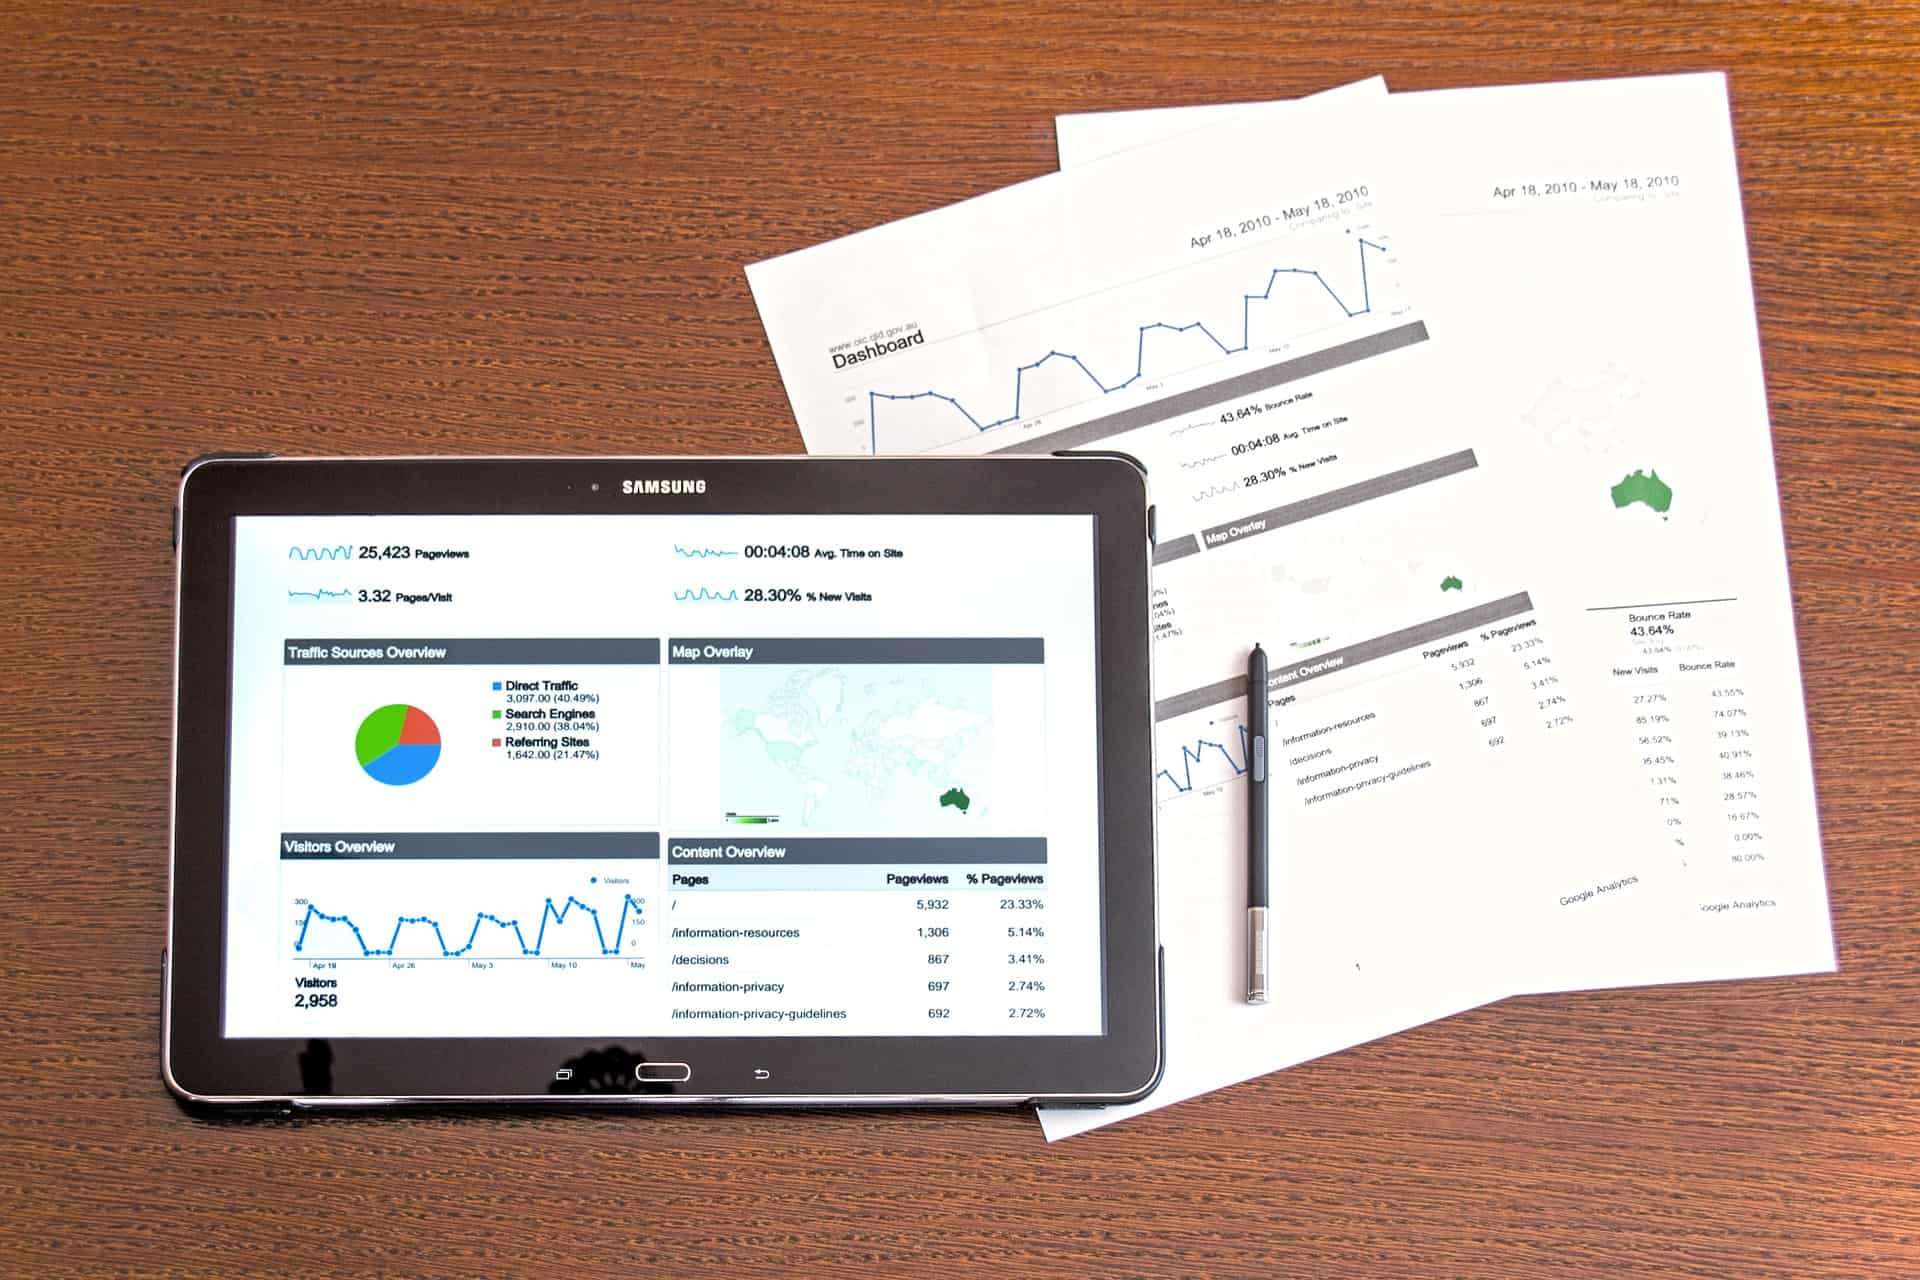 grafieken en statistieken bekijken op tablet